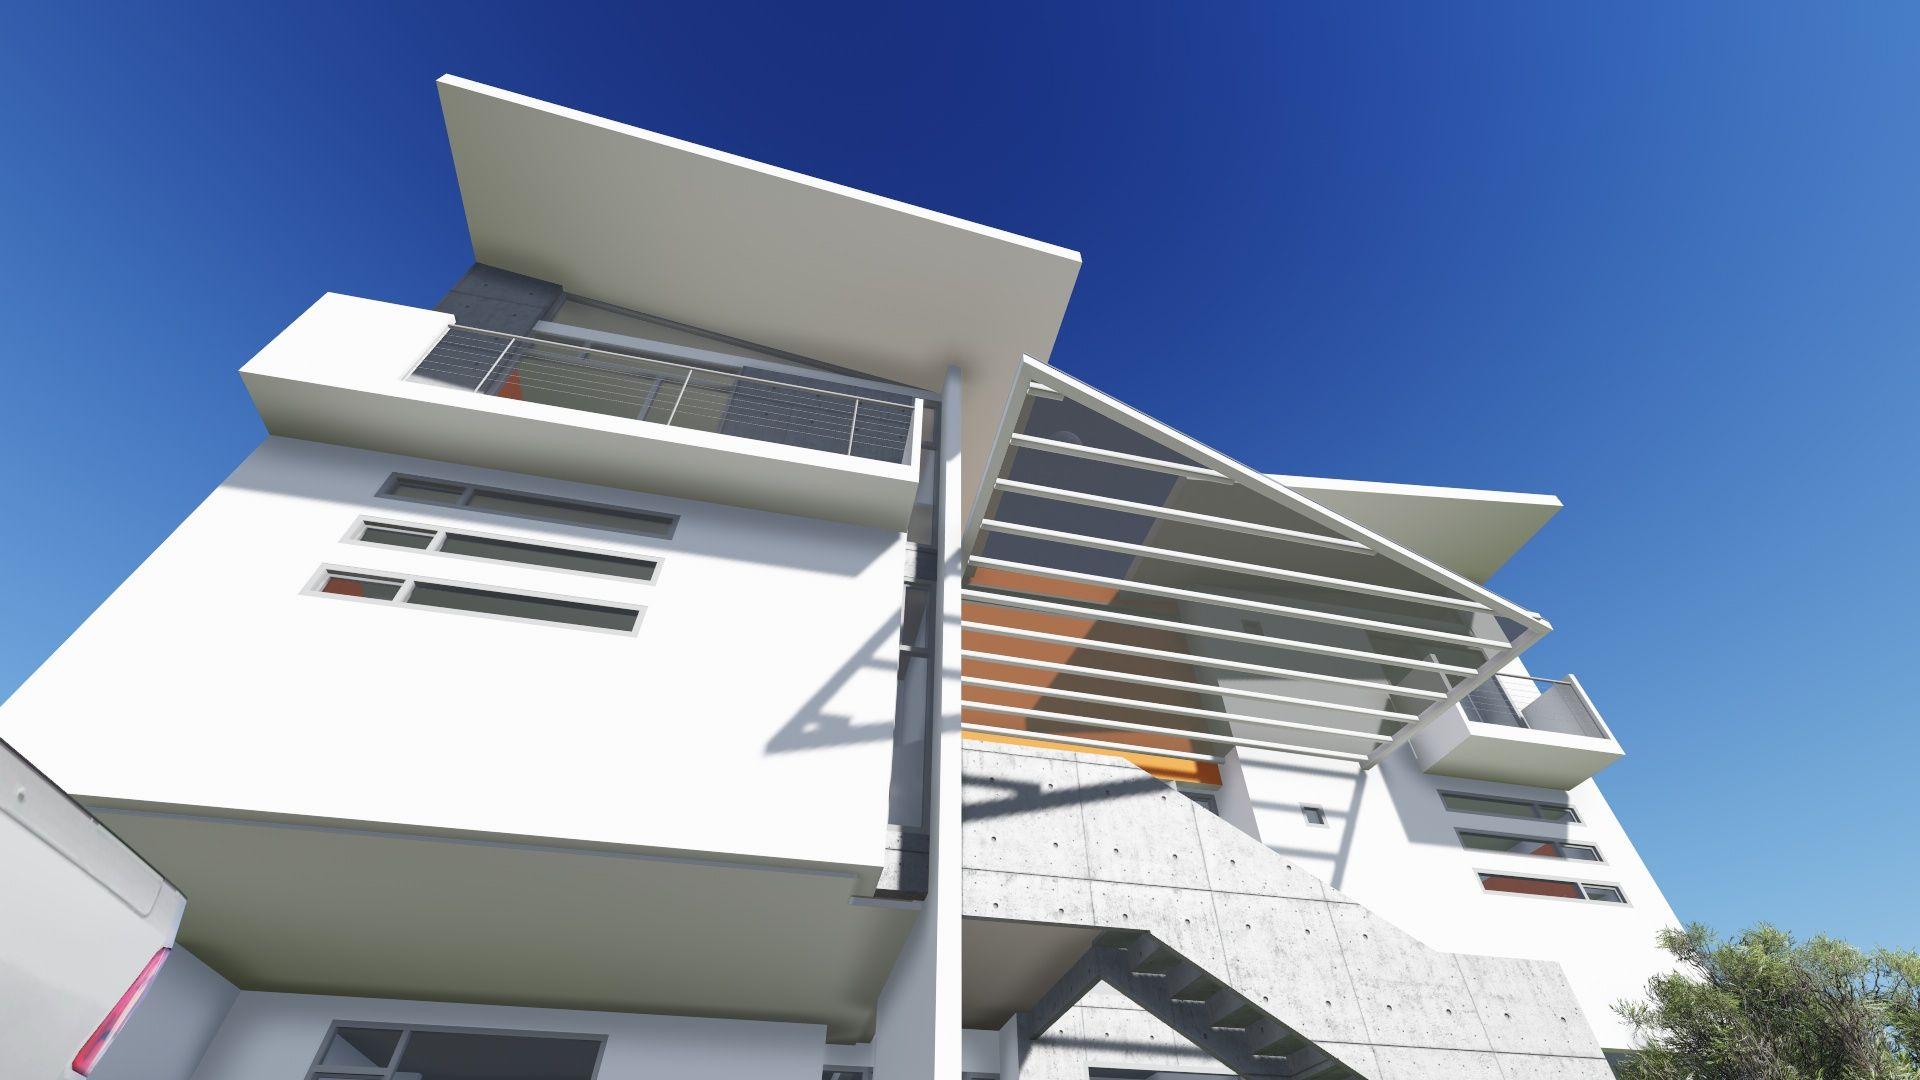 El programa incluye el dise o de una casa de habitaci n for Programa para disenar cuartos